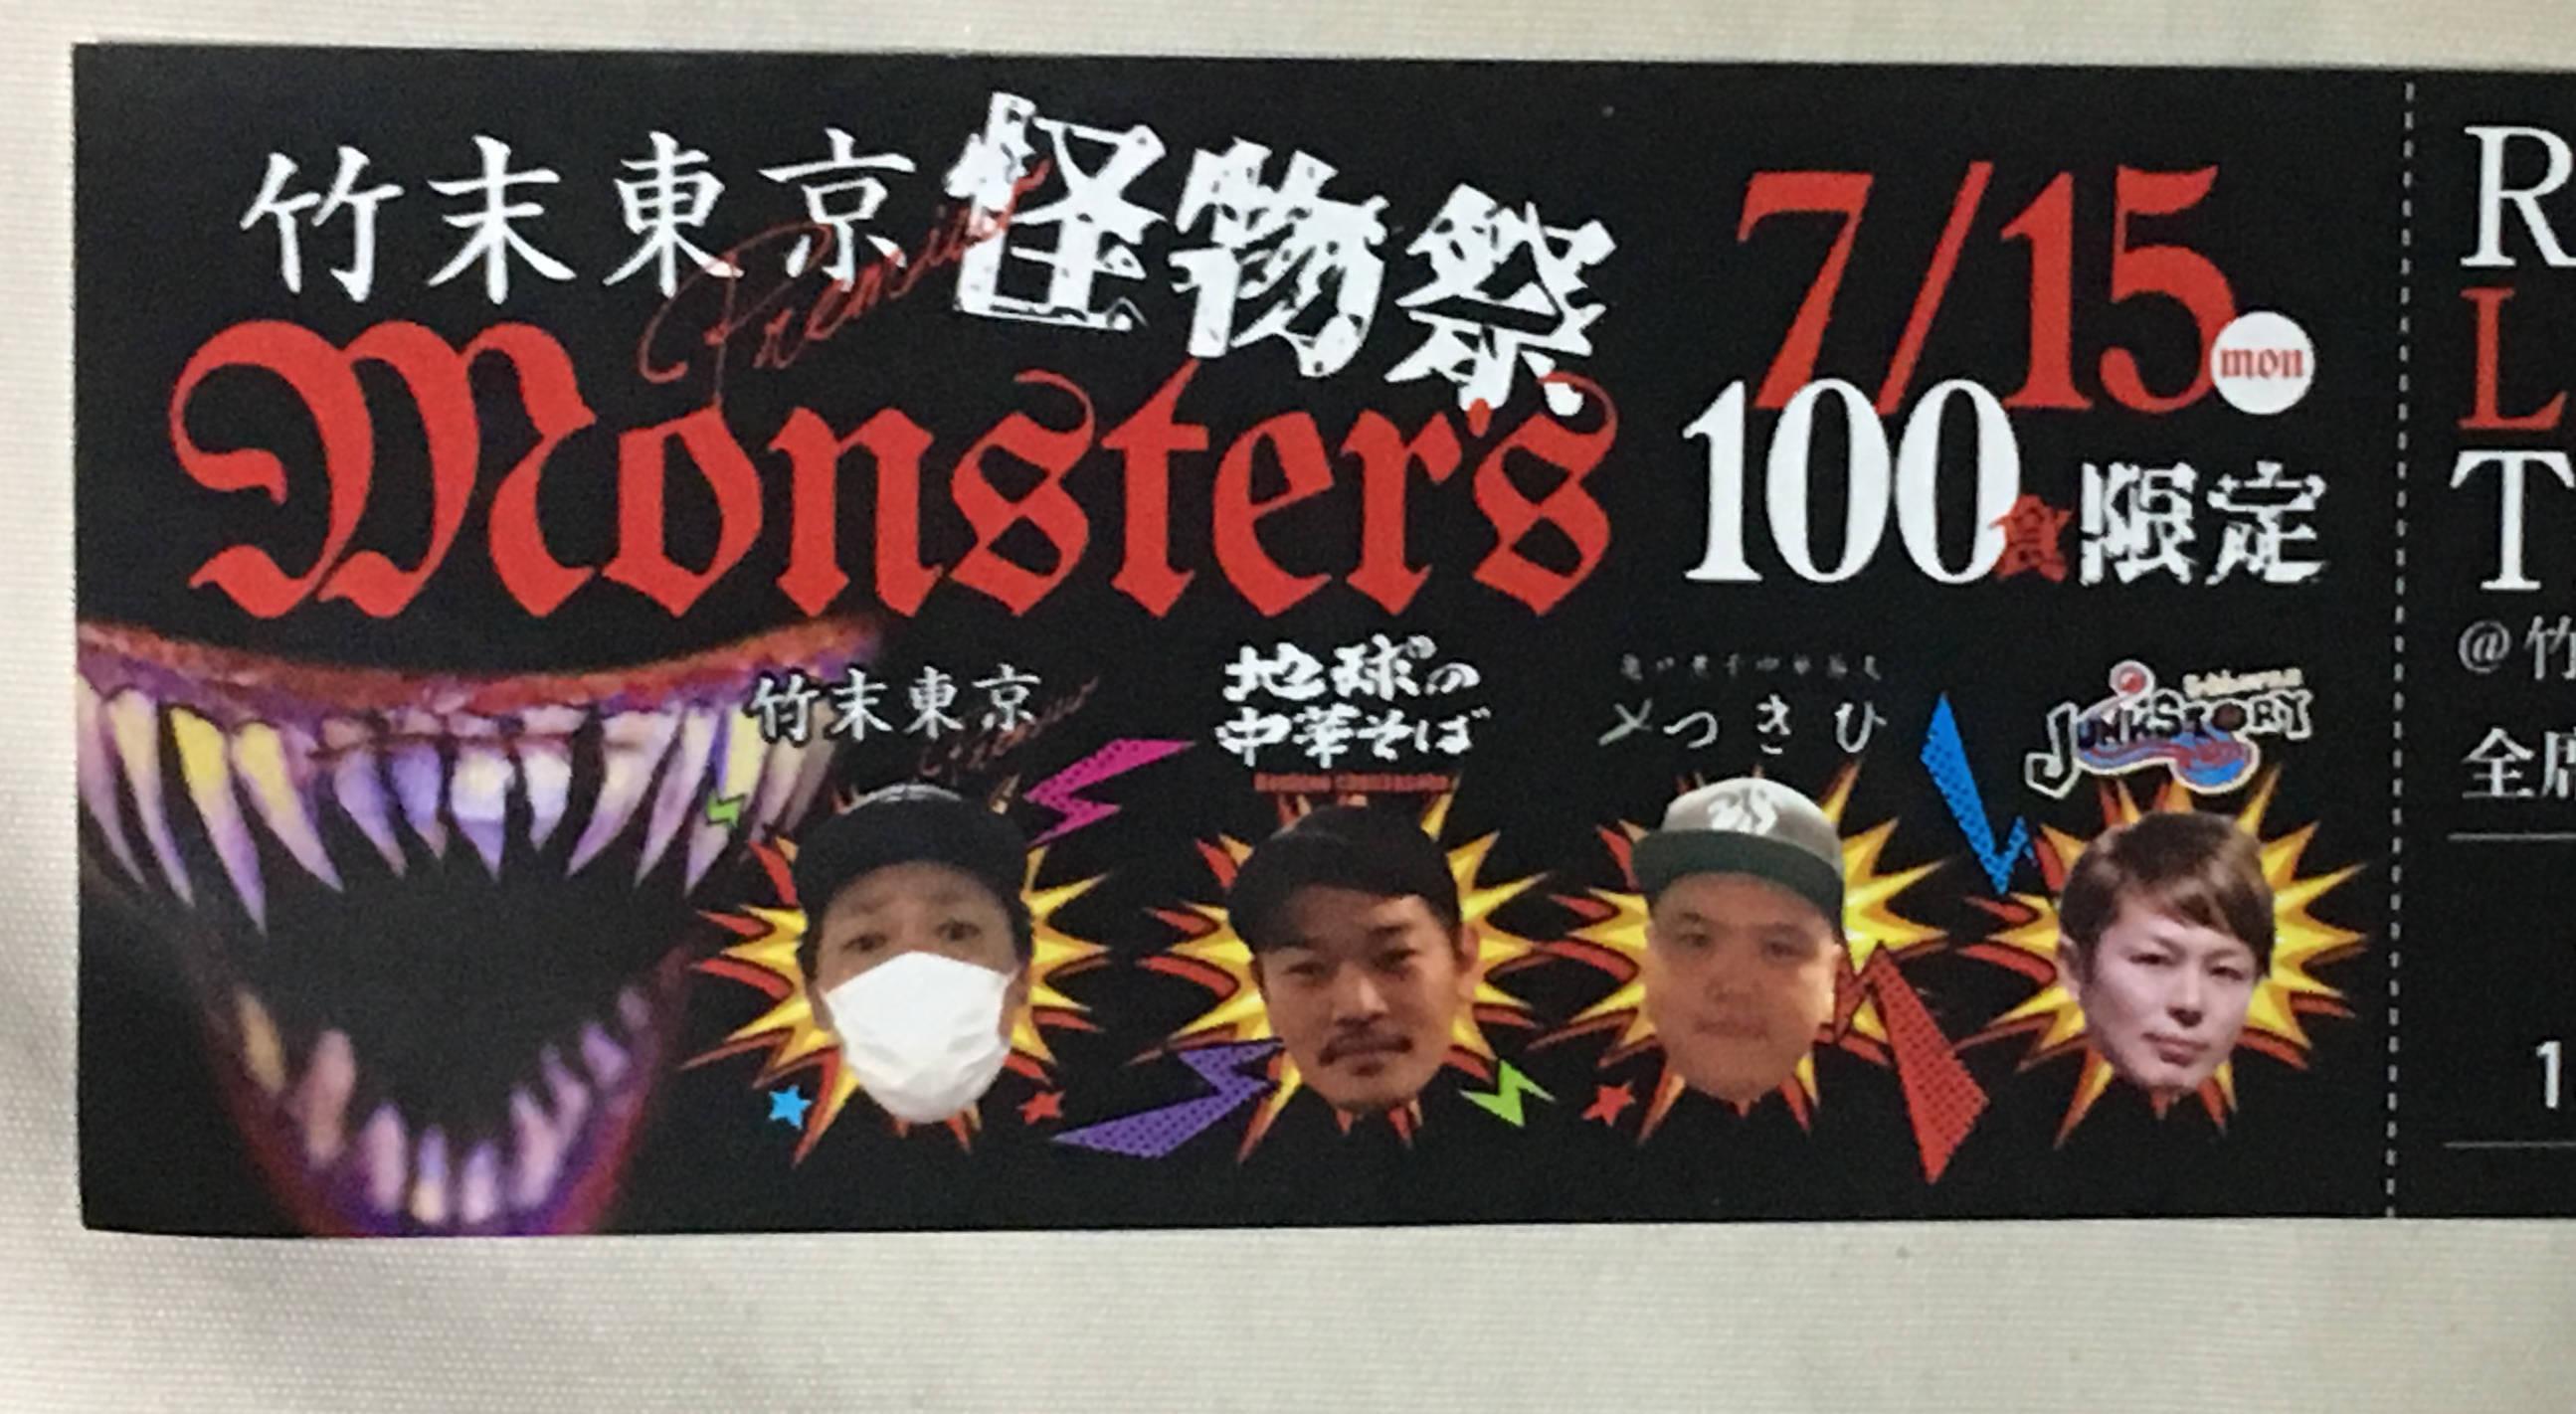 チケット:竹末東京プレミアム イベント「怪物祭」